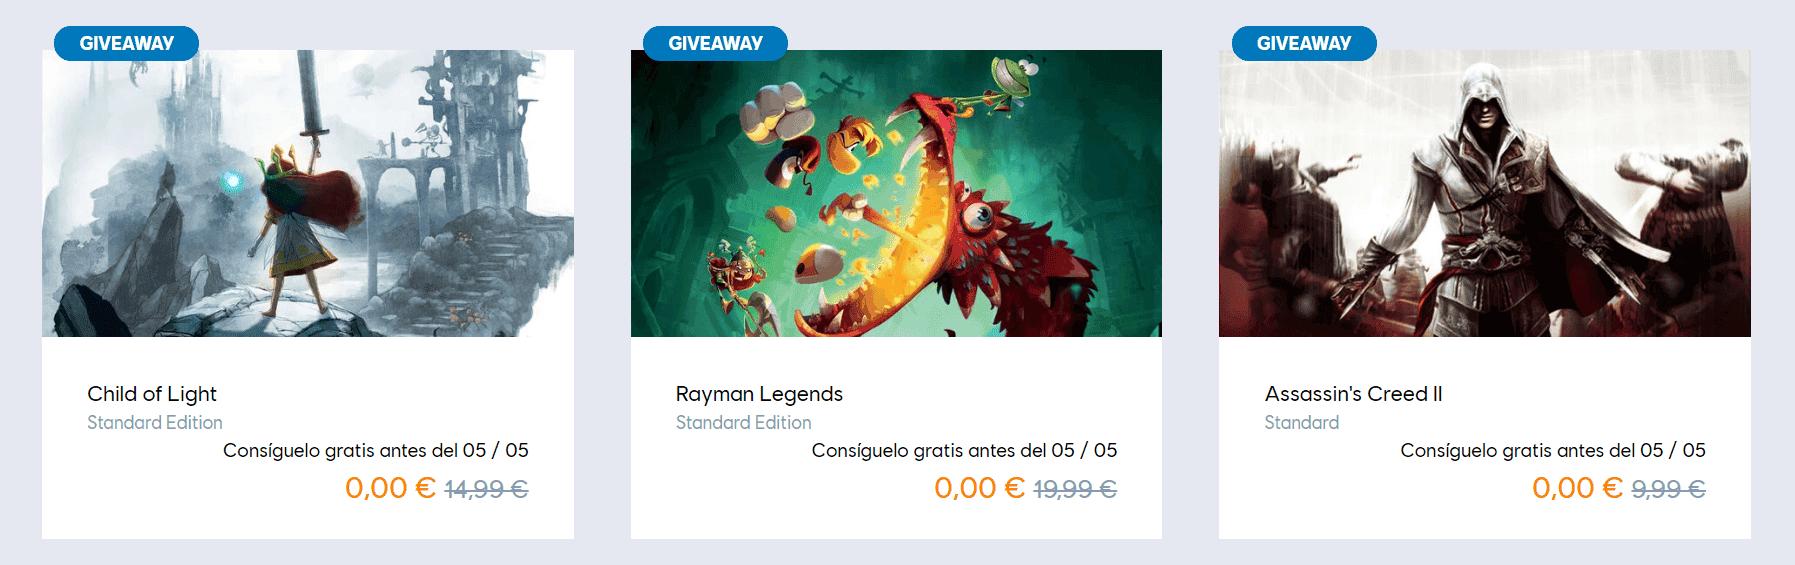 Ubisoft regala 3 juegazos gracias en su mes de juegos gratis